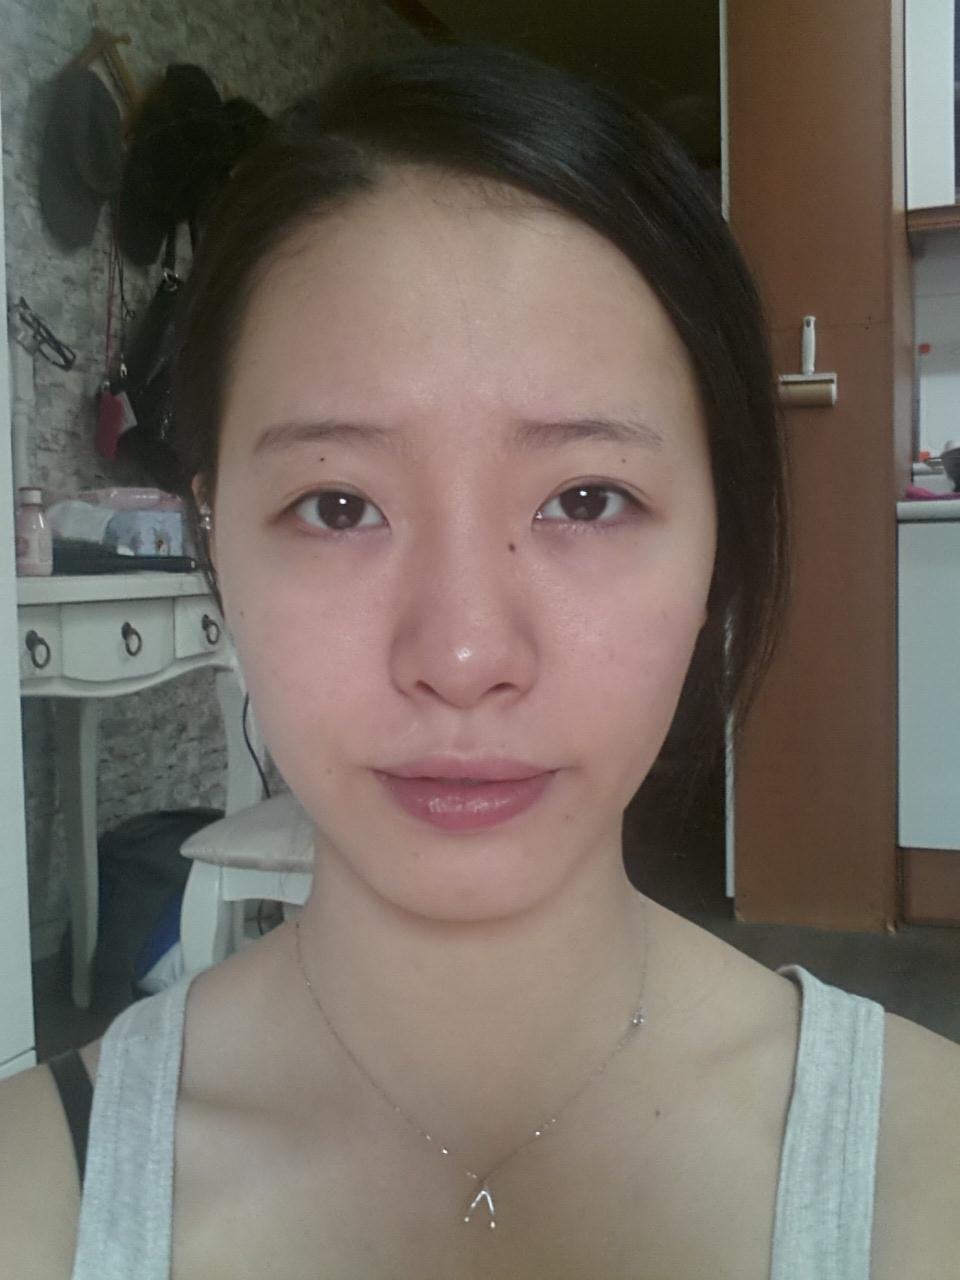 鼻部综合整形效果好吗,韩国美佳整形医院综合鼻